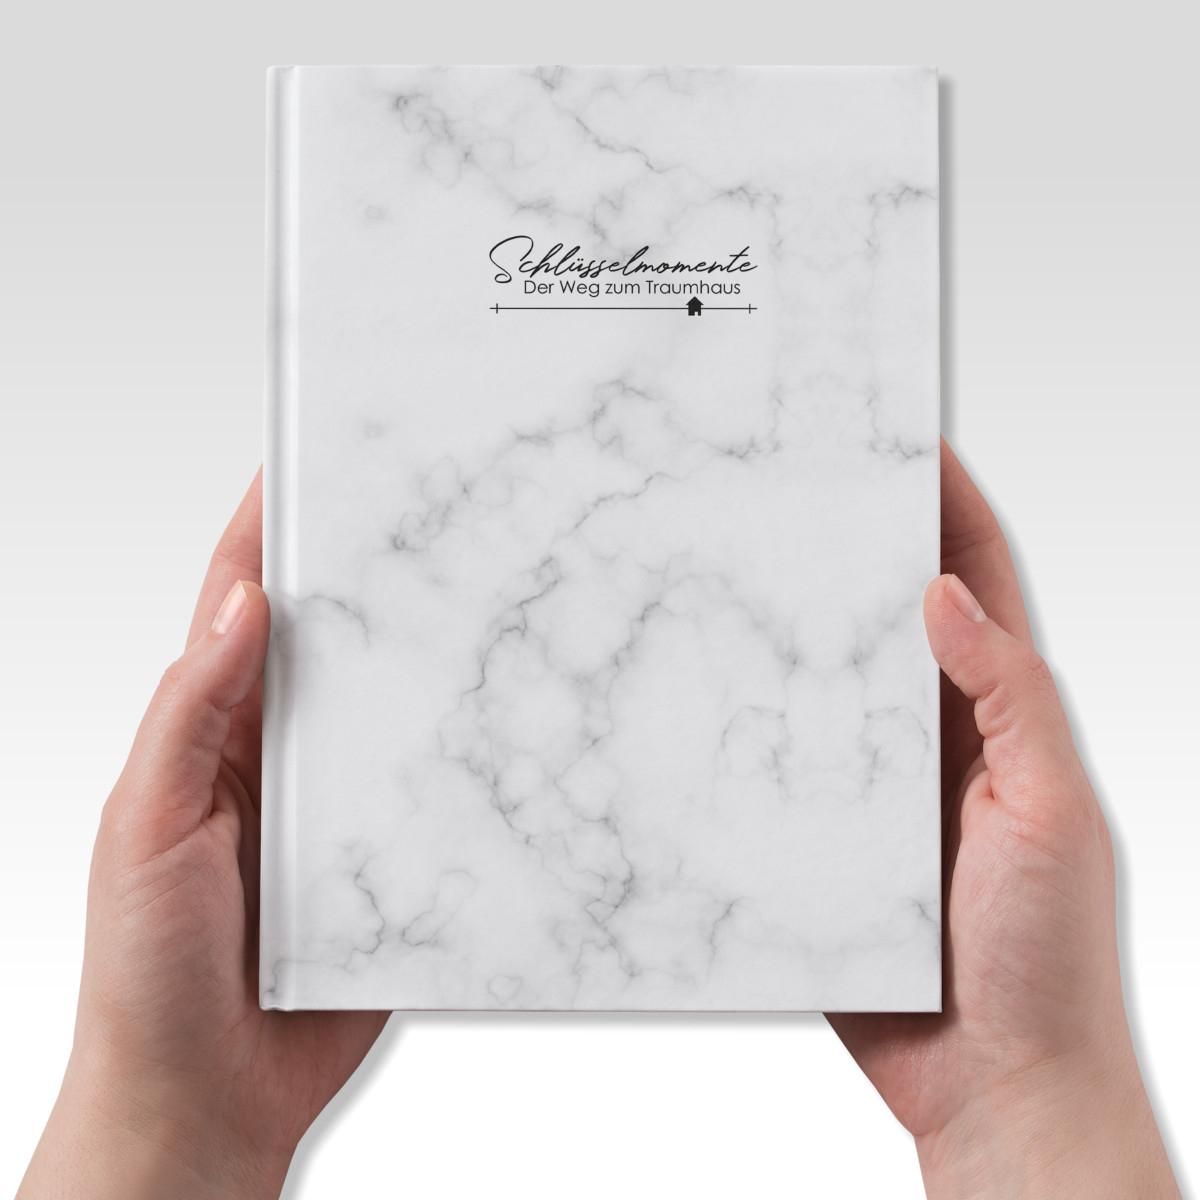 Bautagebuch Edition MIDI